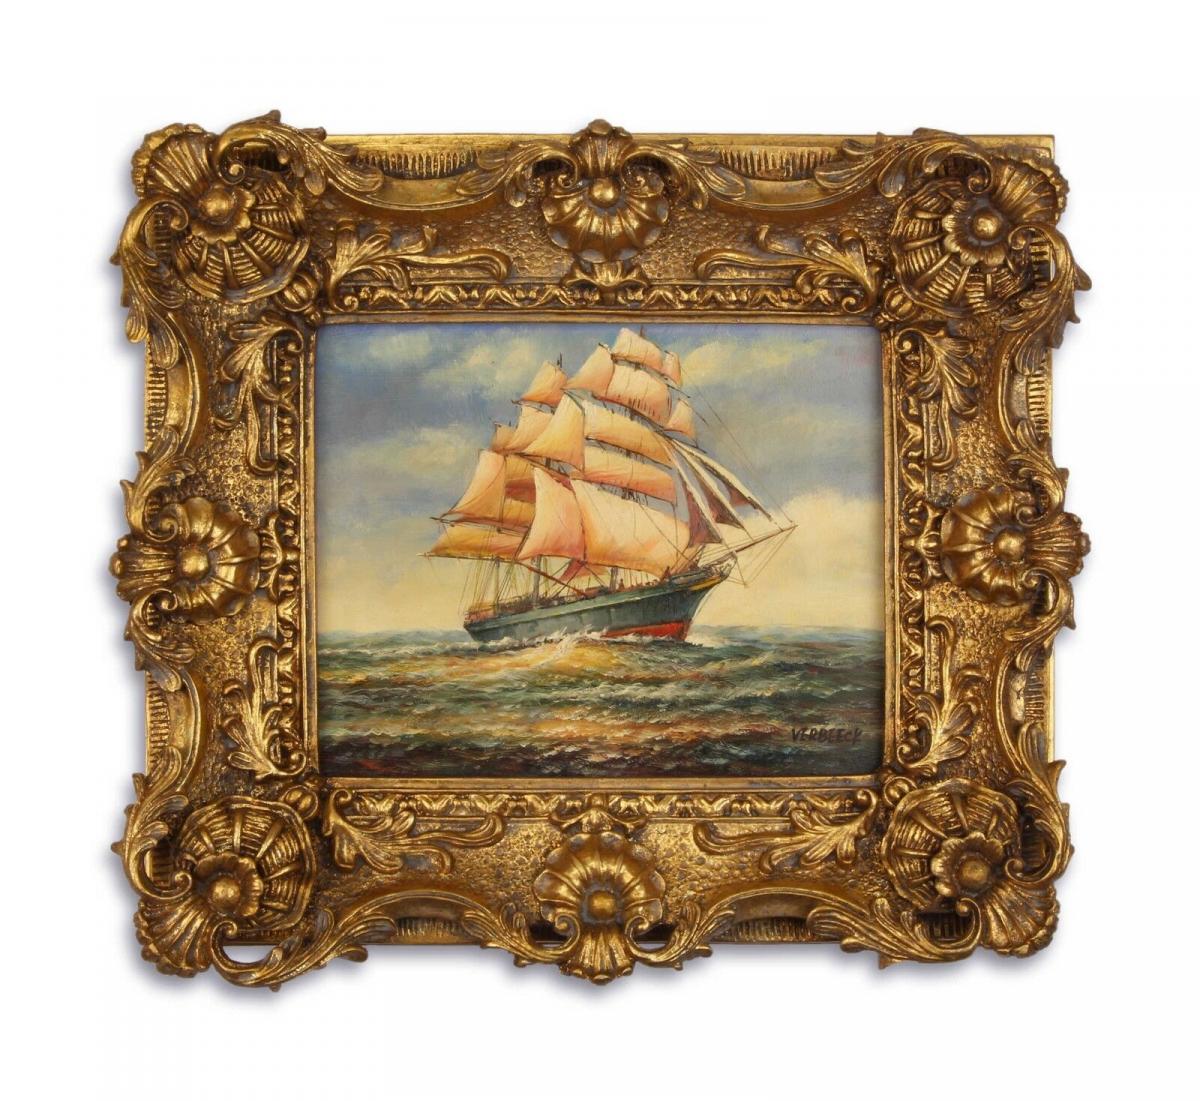 9973266-ds Ölgemälde auf Holz im Holz/Resin-Goldstuck-Rahmen Segelschiff 0